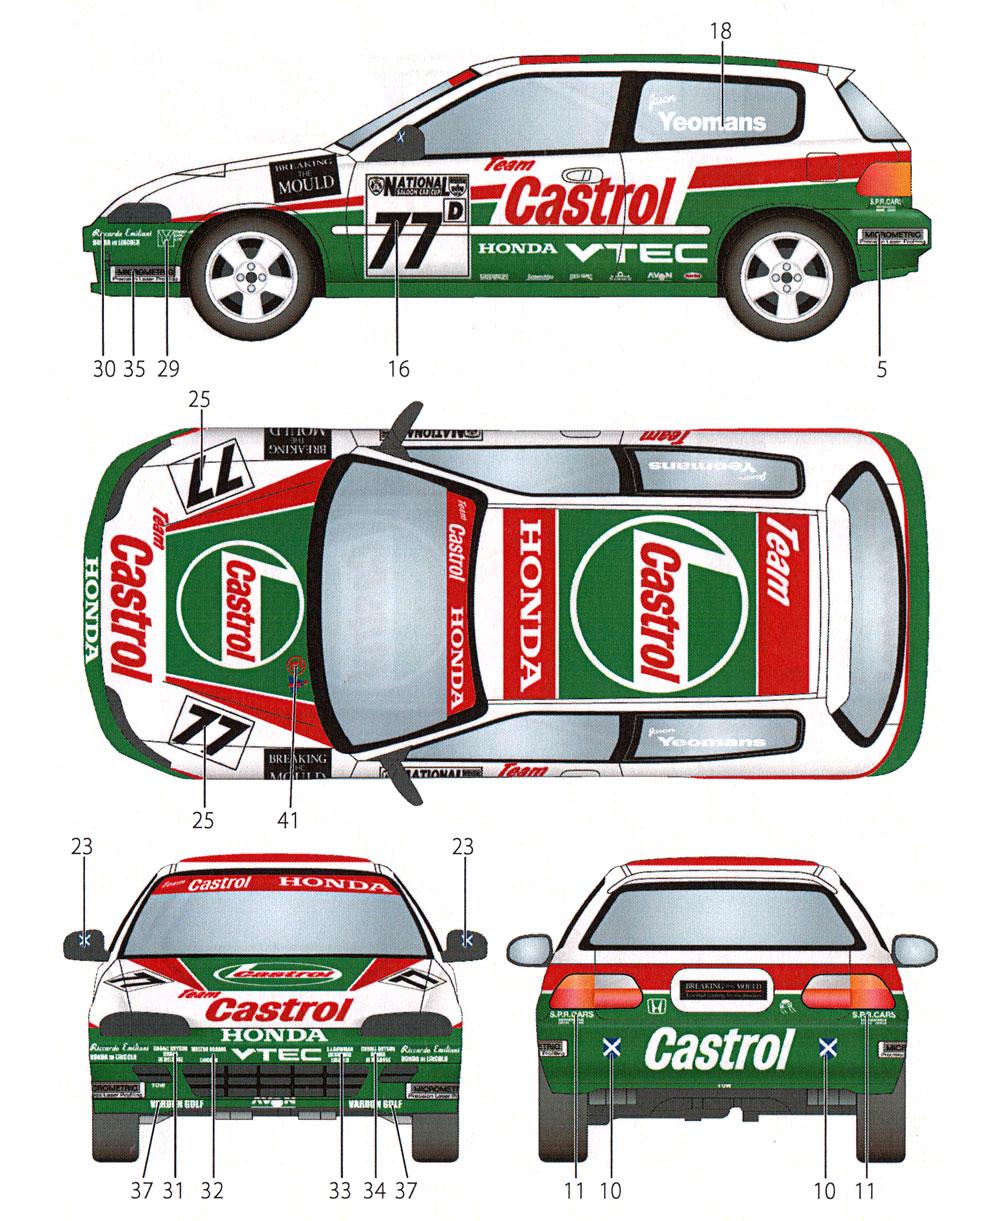 シビック カストロール #76/#77 ナショナル サルーンカー カップ 1993デカール(スタジオ27ツーリングカー/GTカー オリジナルデカールNo.DC1184)商品画像_3